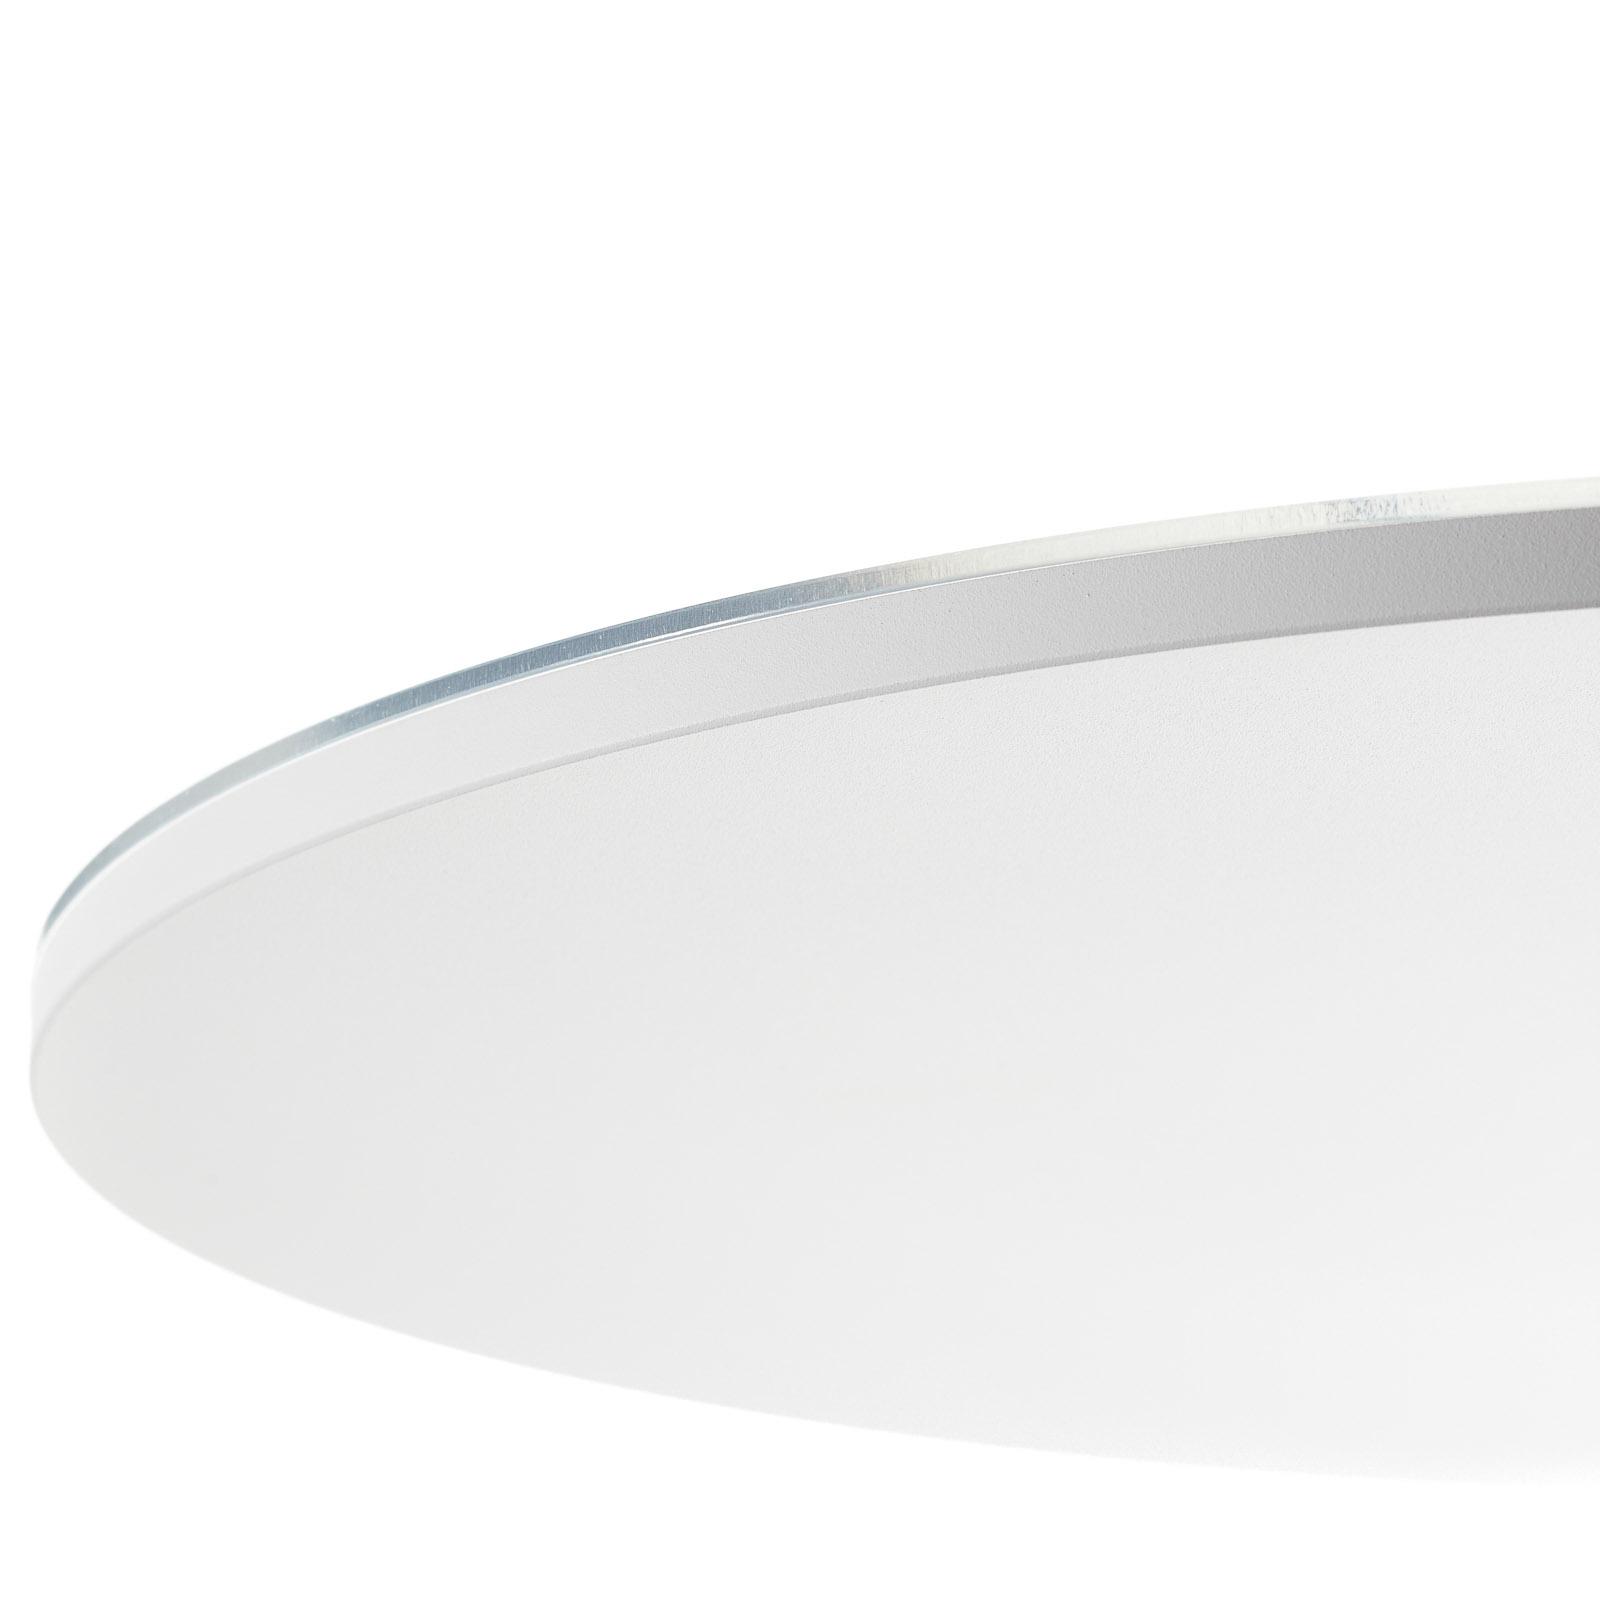 Holtkötter Plano XL plafonnier LED structuré blanc